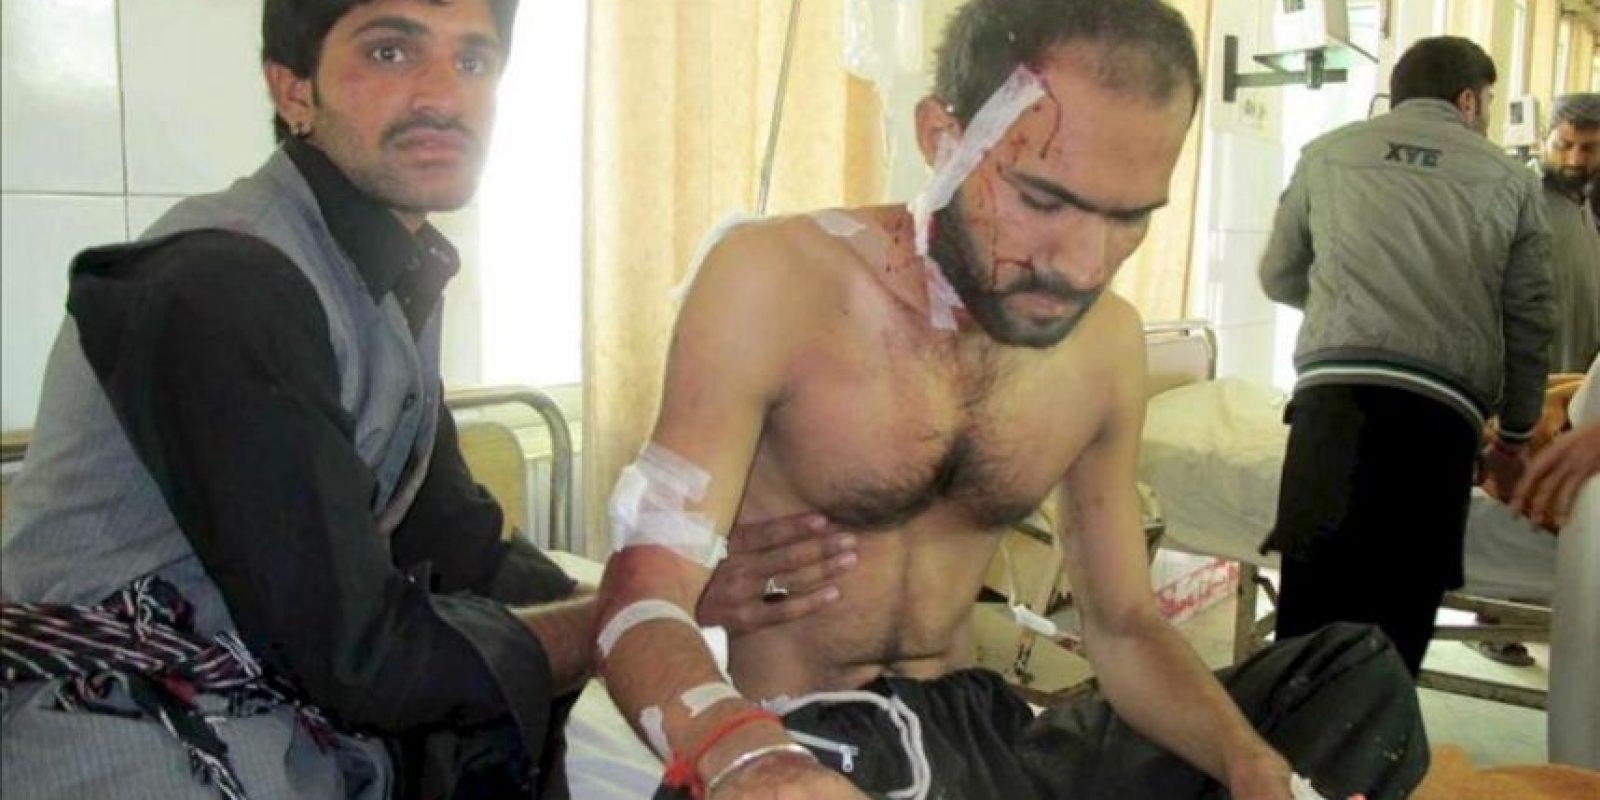 Un hombre herido se restablece tras una explosión registrada en el transcurso de una procesión chií en el oeste de Pakistán, según informó a Efe una fuente policial. EFE